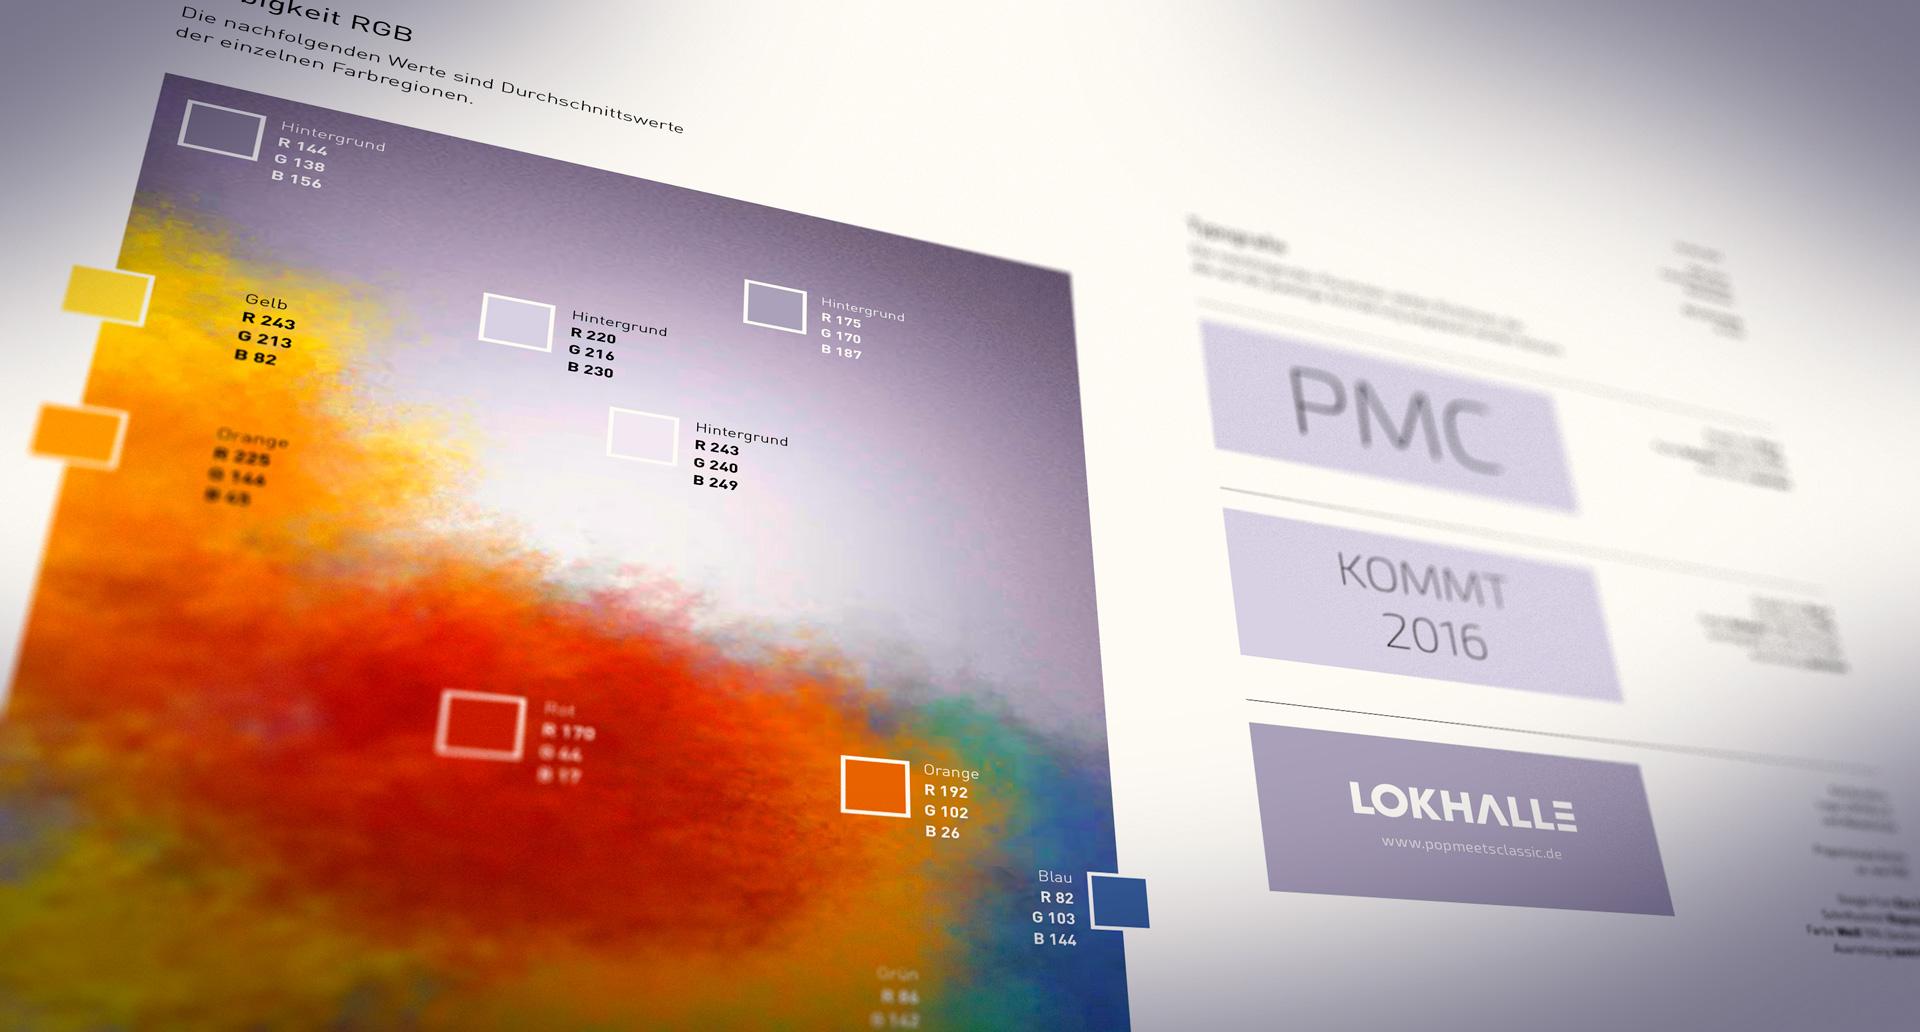 Corporate-Design-Vorgaben, Typografie und Farbwerte